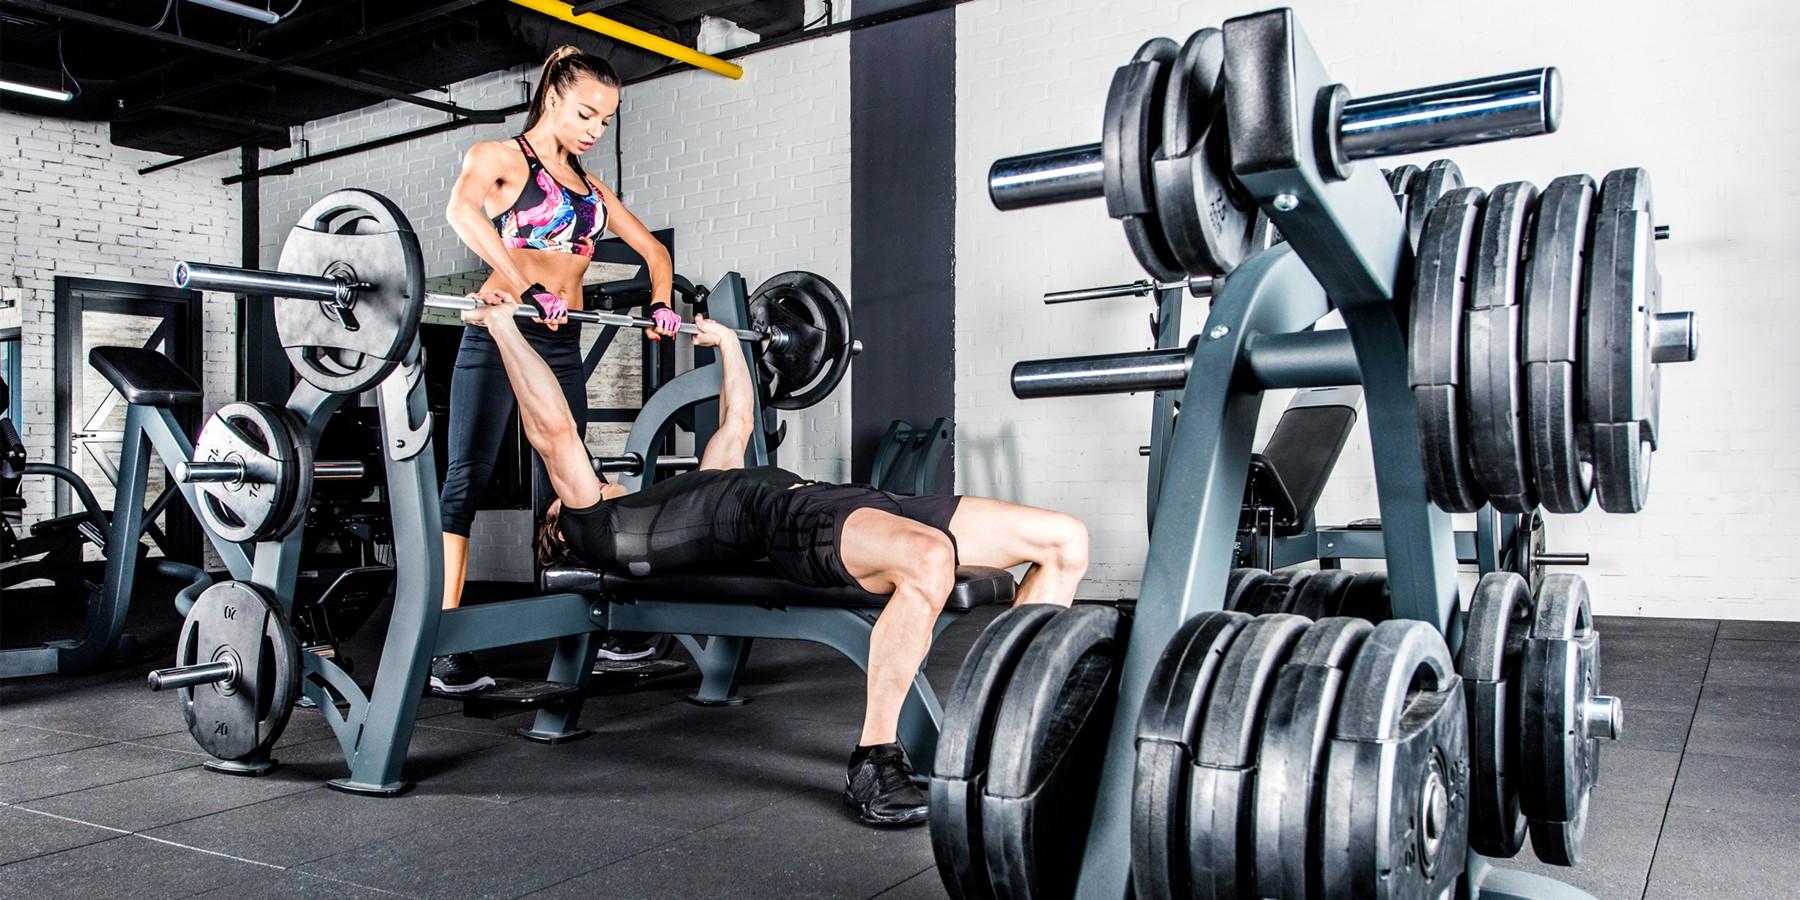 Что будет, если начать заниматься спортом после длительного перерыва